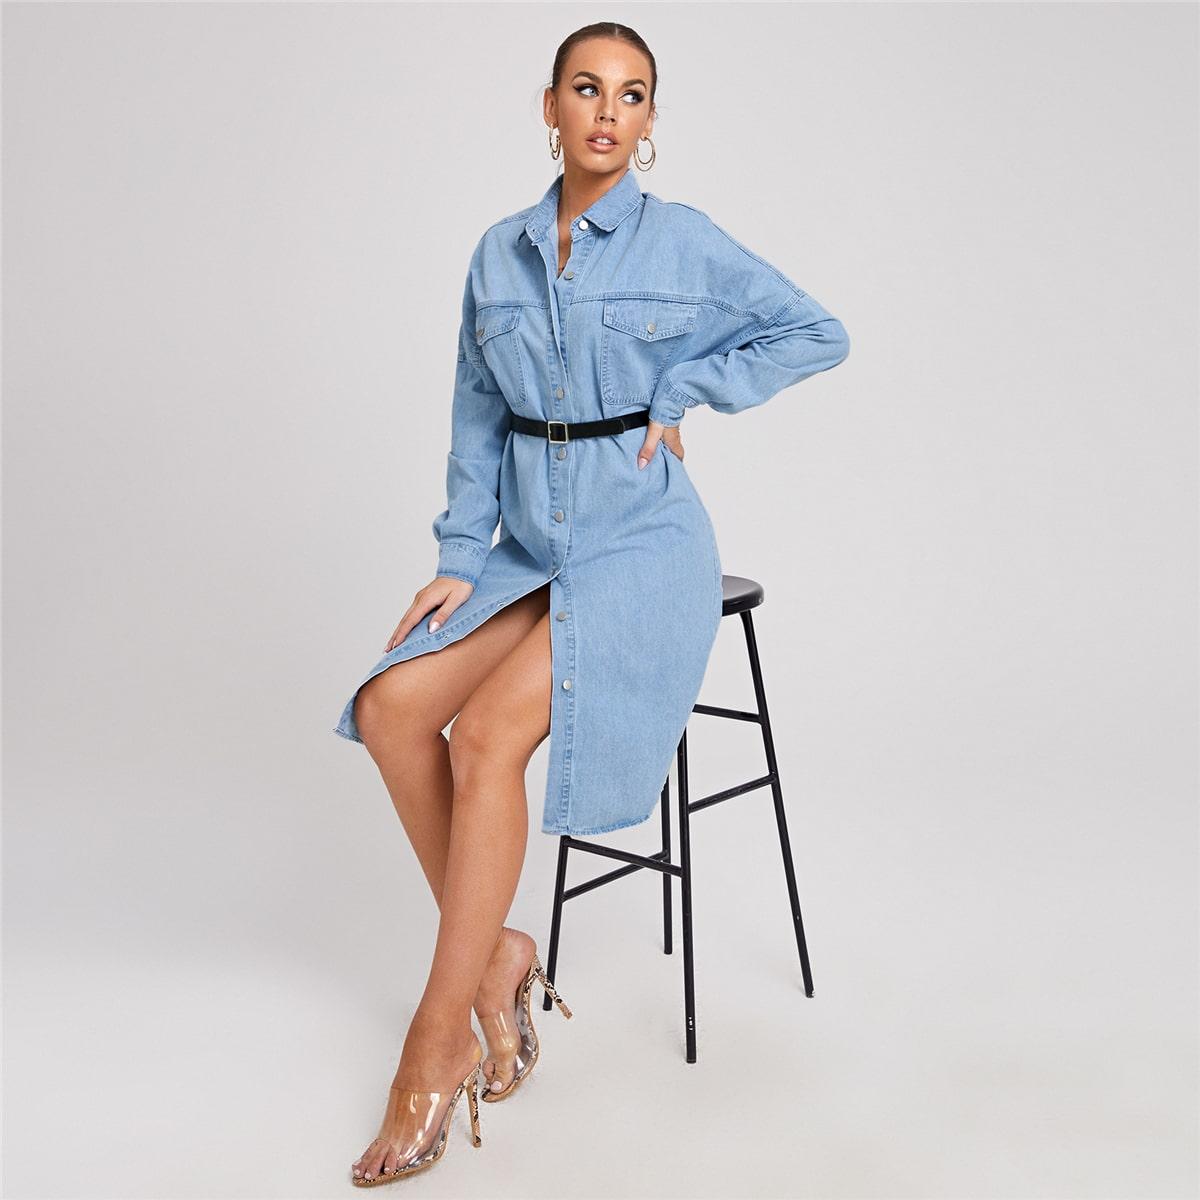 Джинсовое платье с пуговицами и карманом без пояса